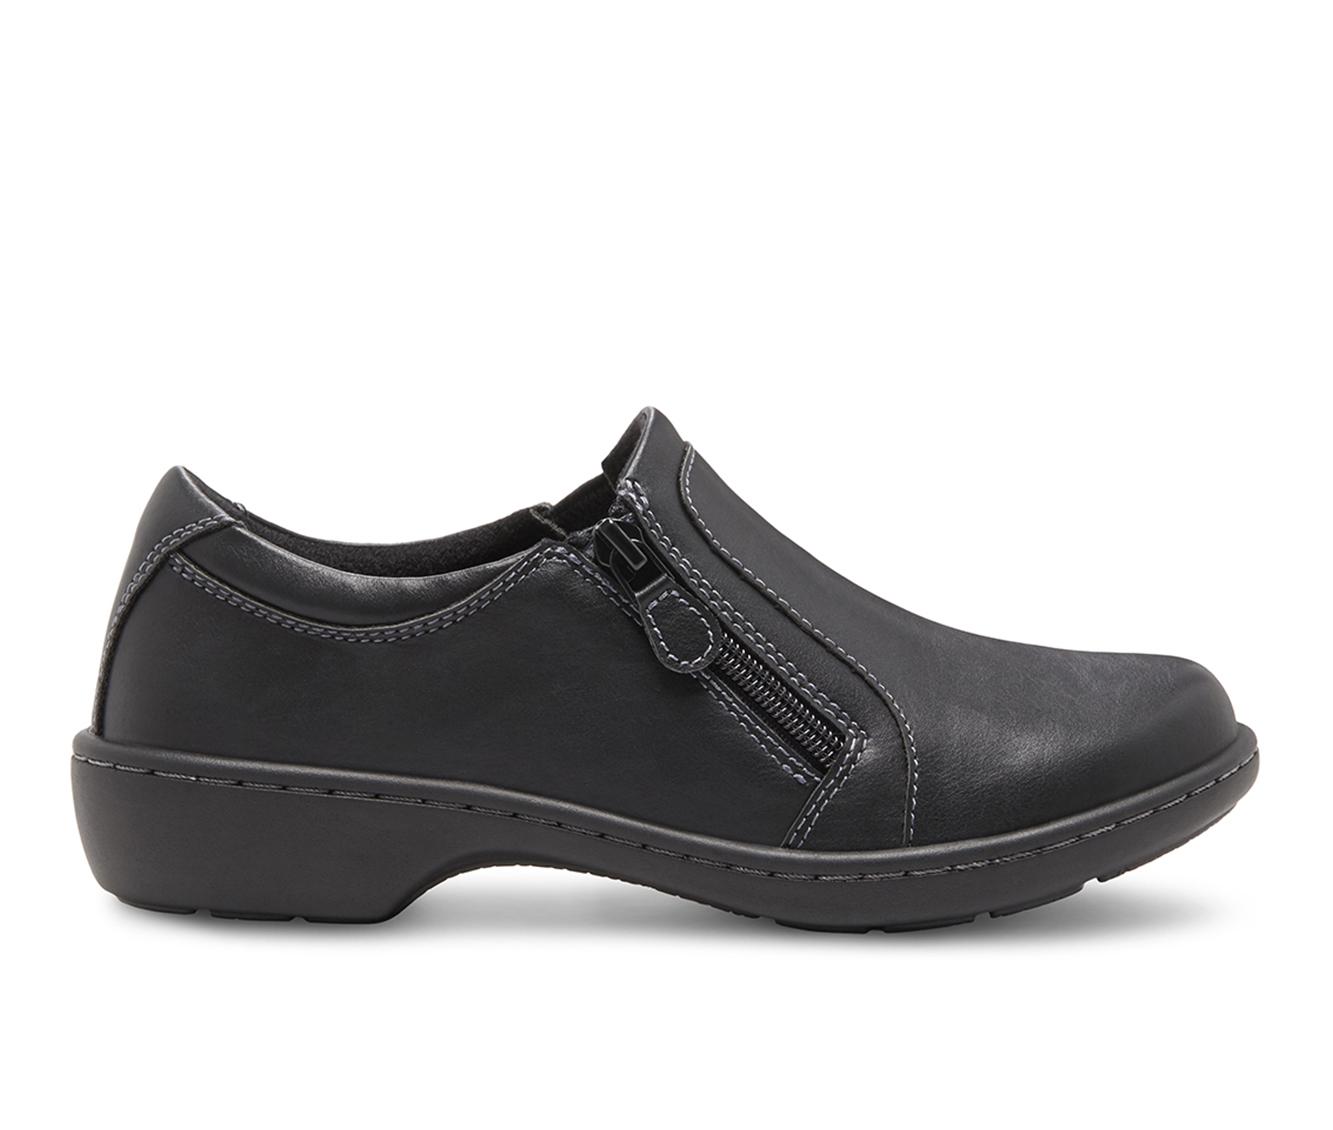 Eastland Vicky Women's Shoe (Black Faux Leather)